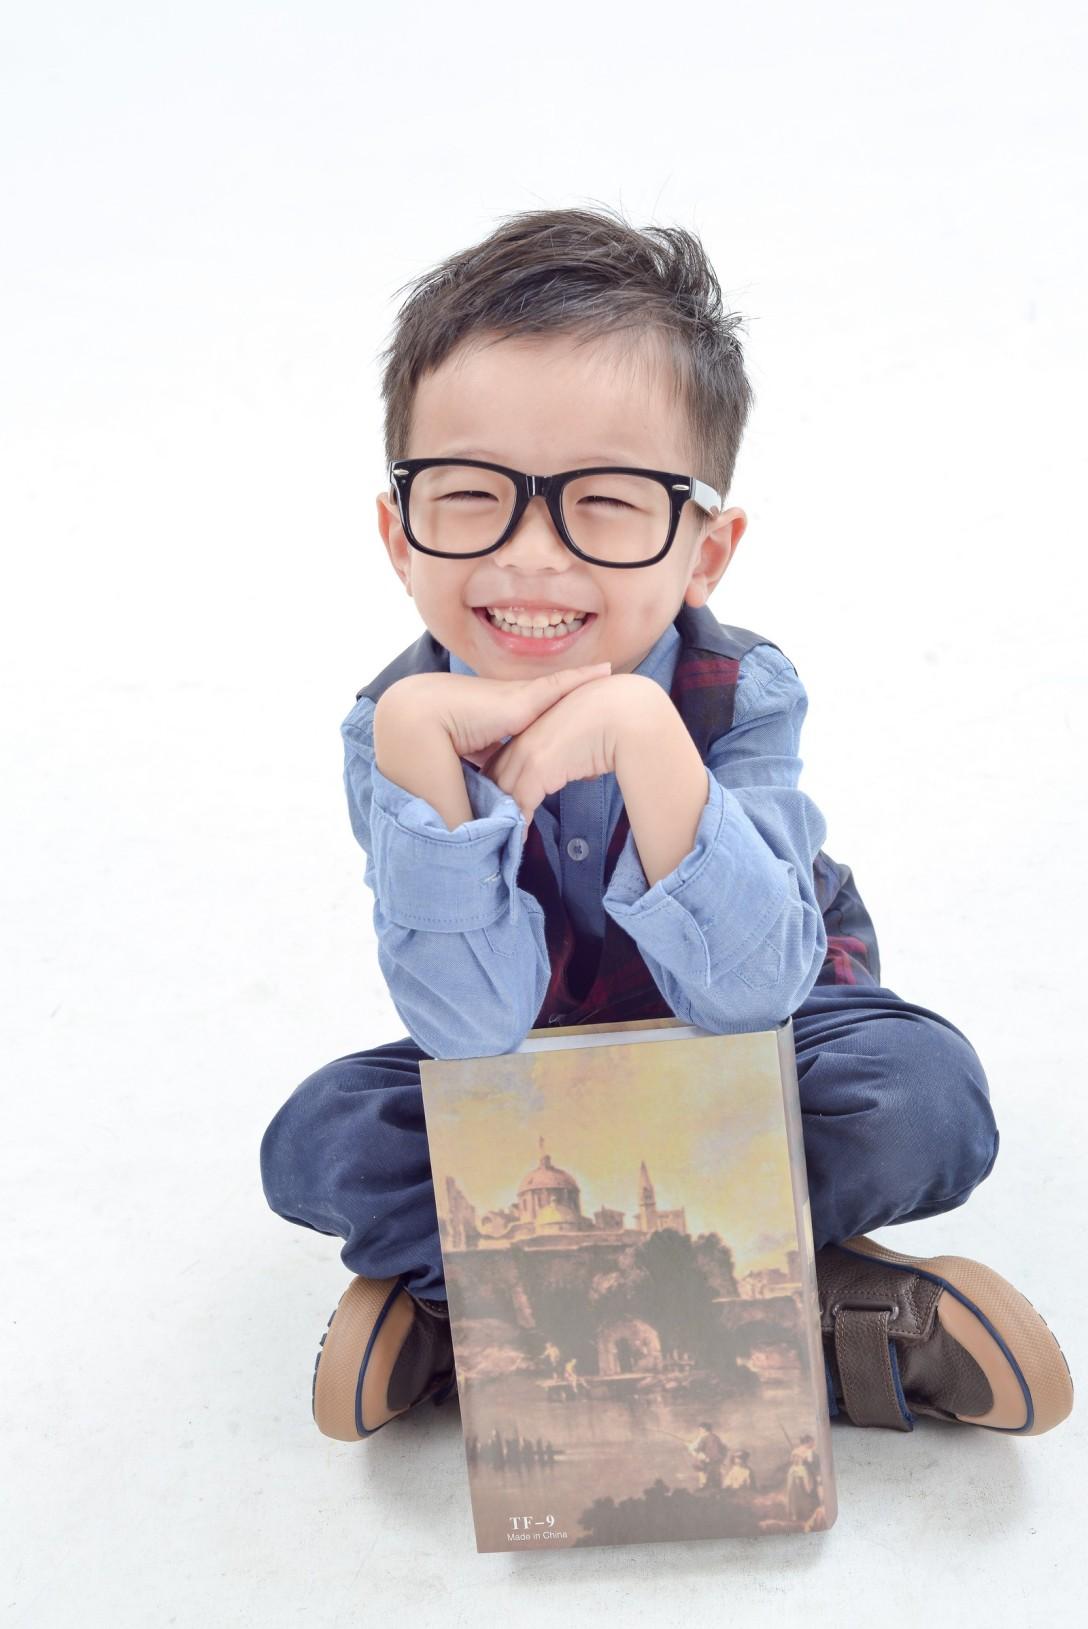 兒童寫真,兒童攝影,兒童照,孩童寫真,寶寶寫真,寶寶照,寶寶攝影,拍寶寶寫真